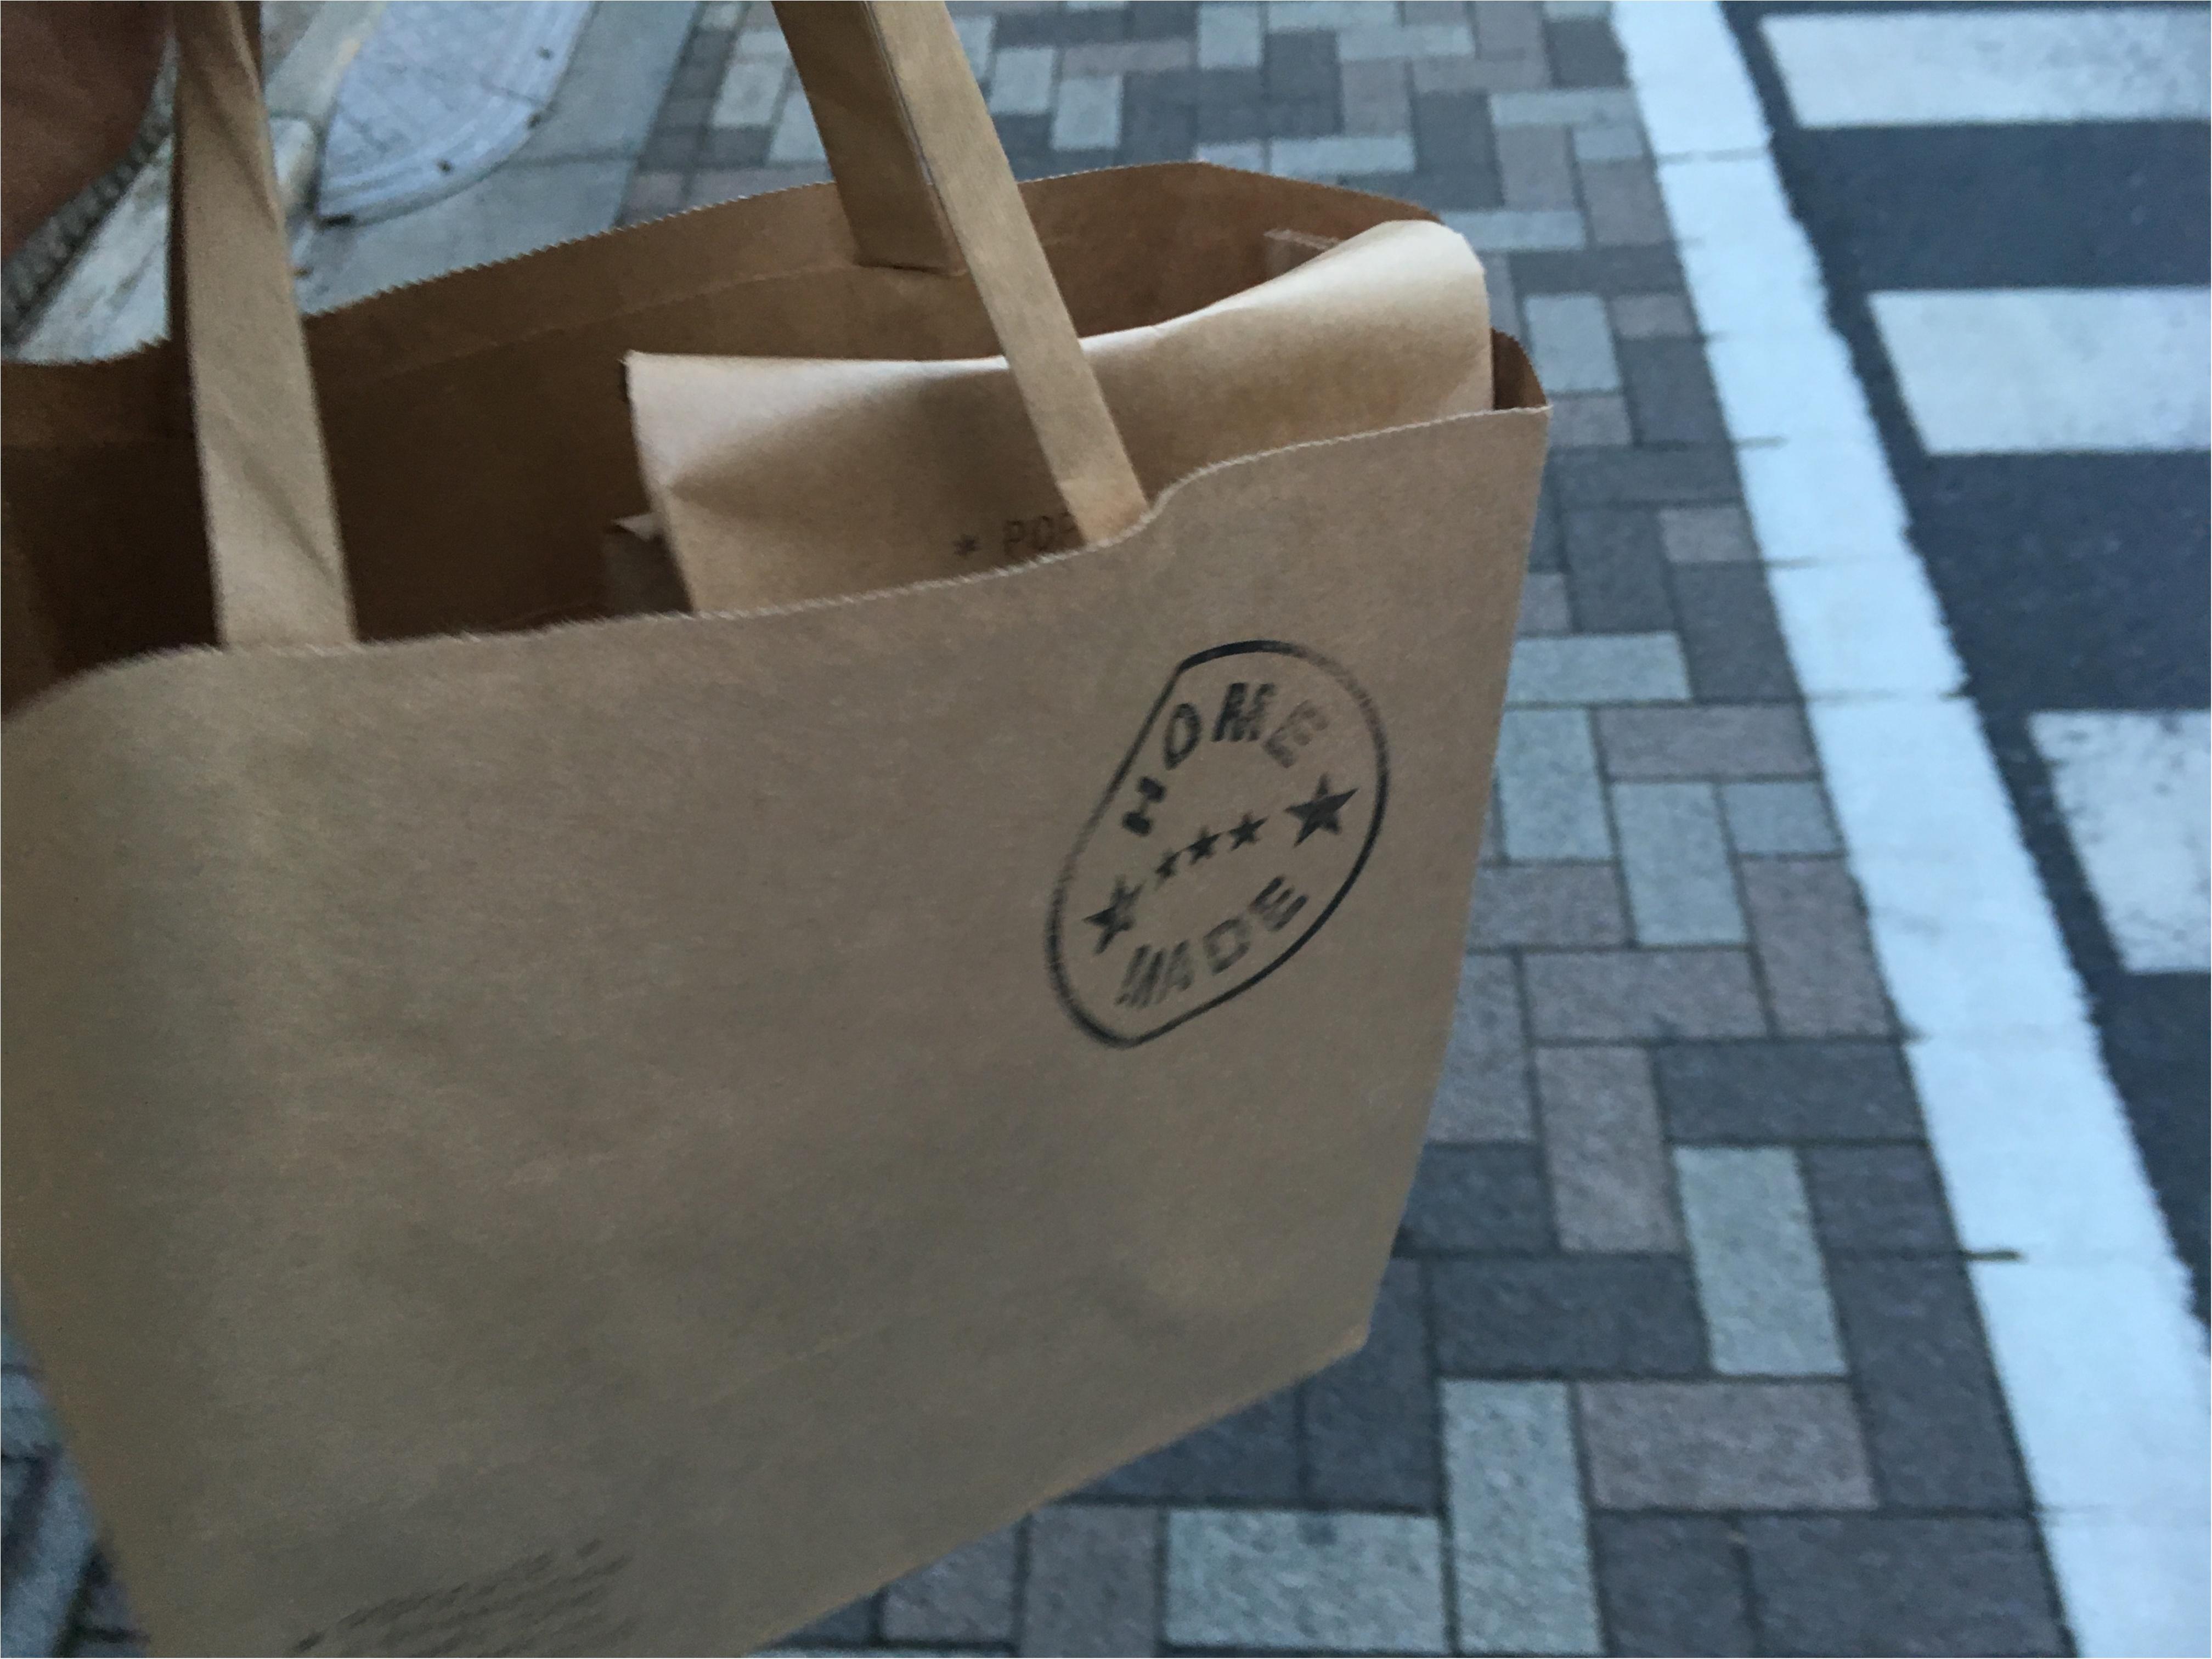 プリン専門店のかわいすぎるプリン☺プレゼント手土産にオススメ★_5